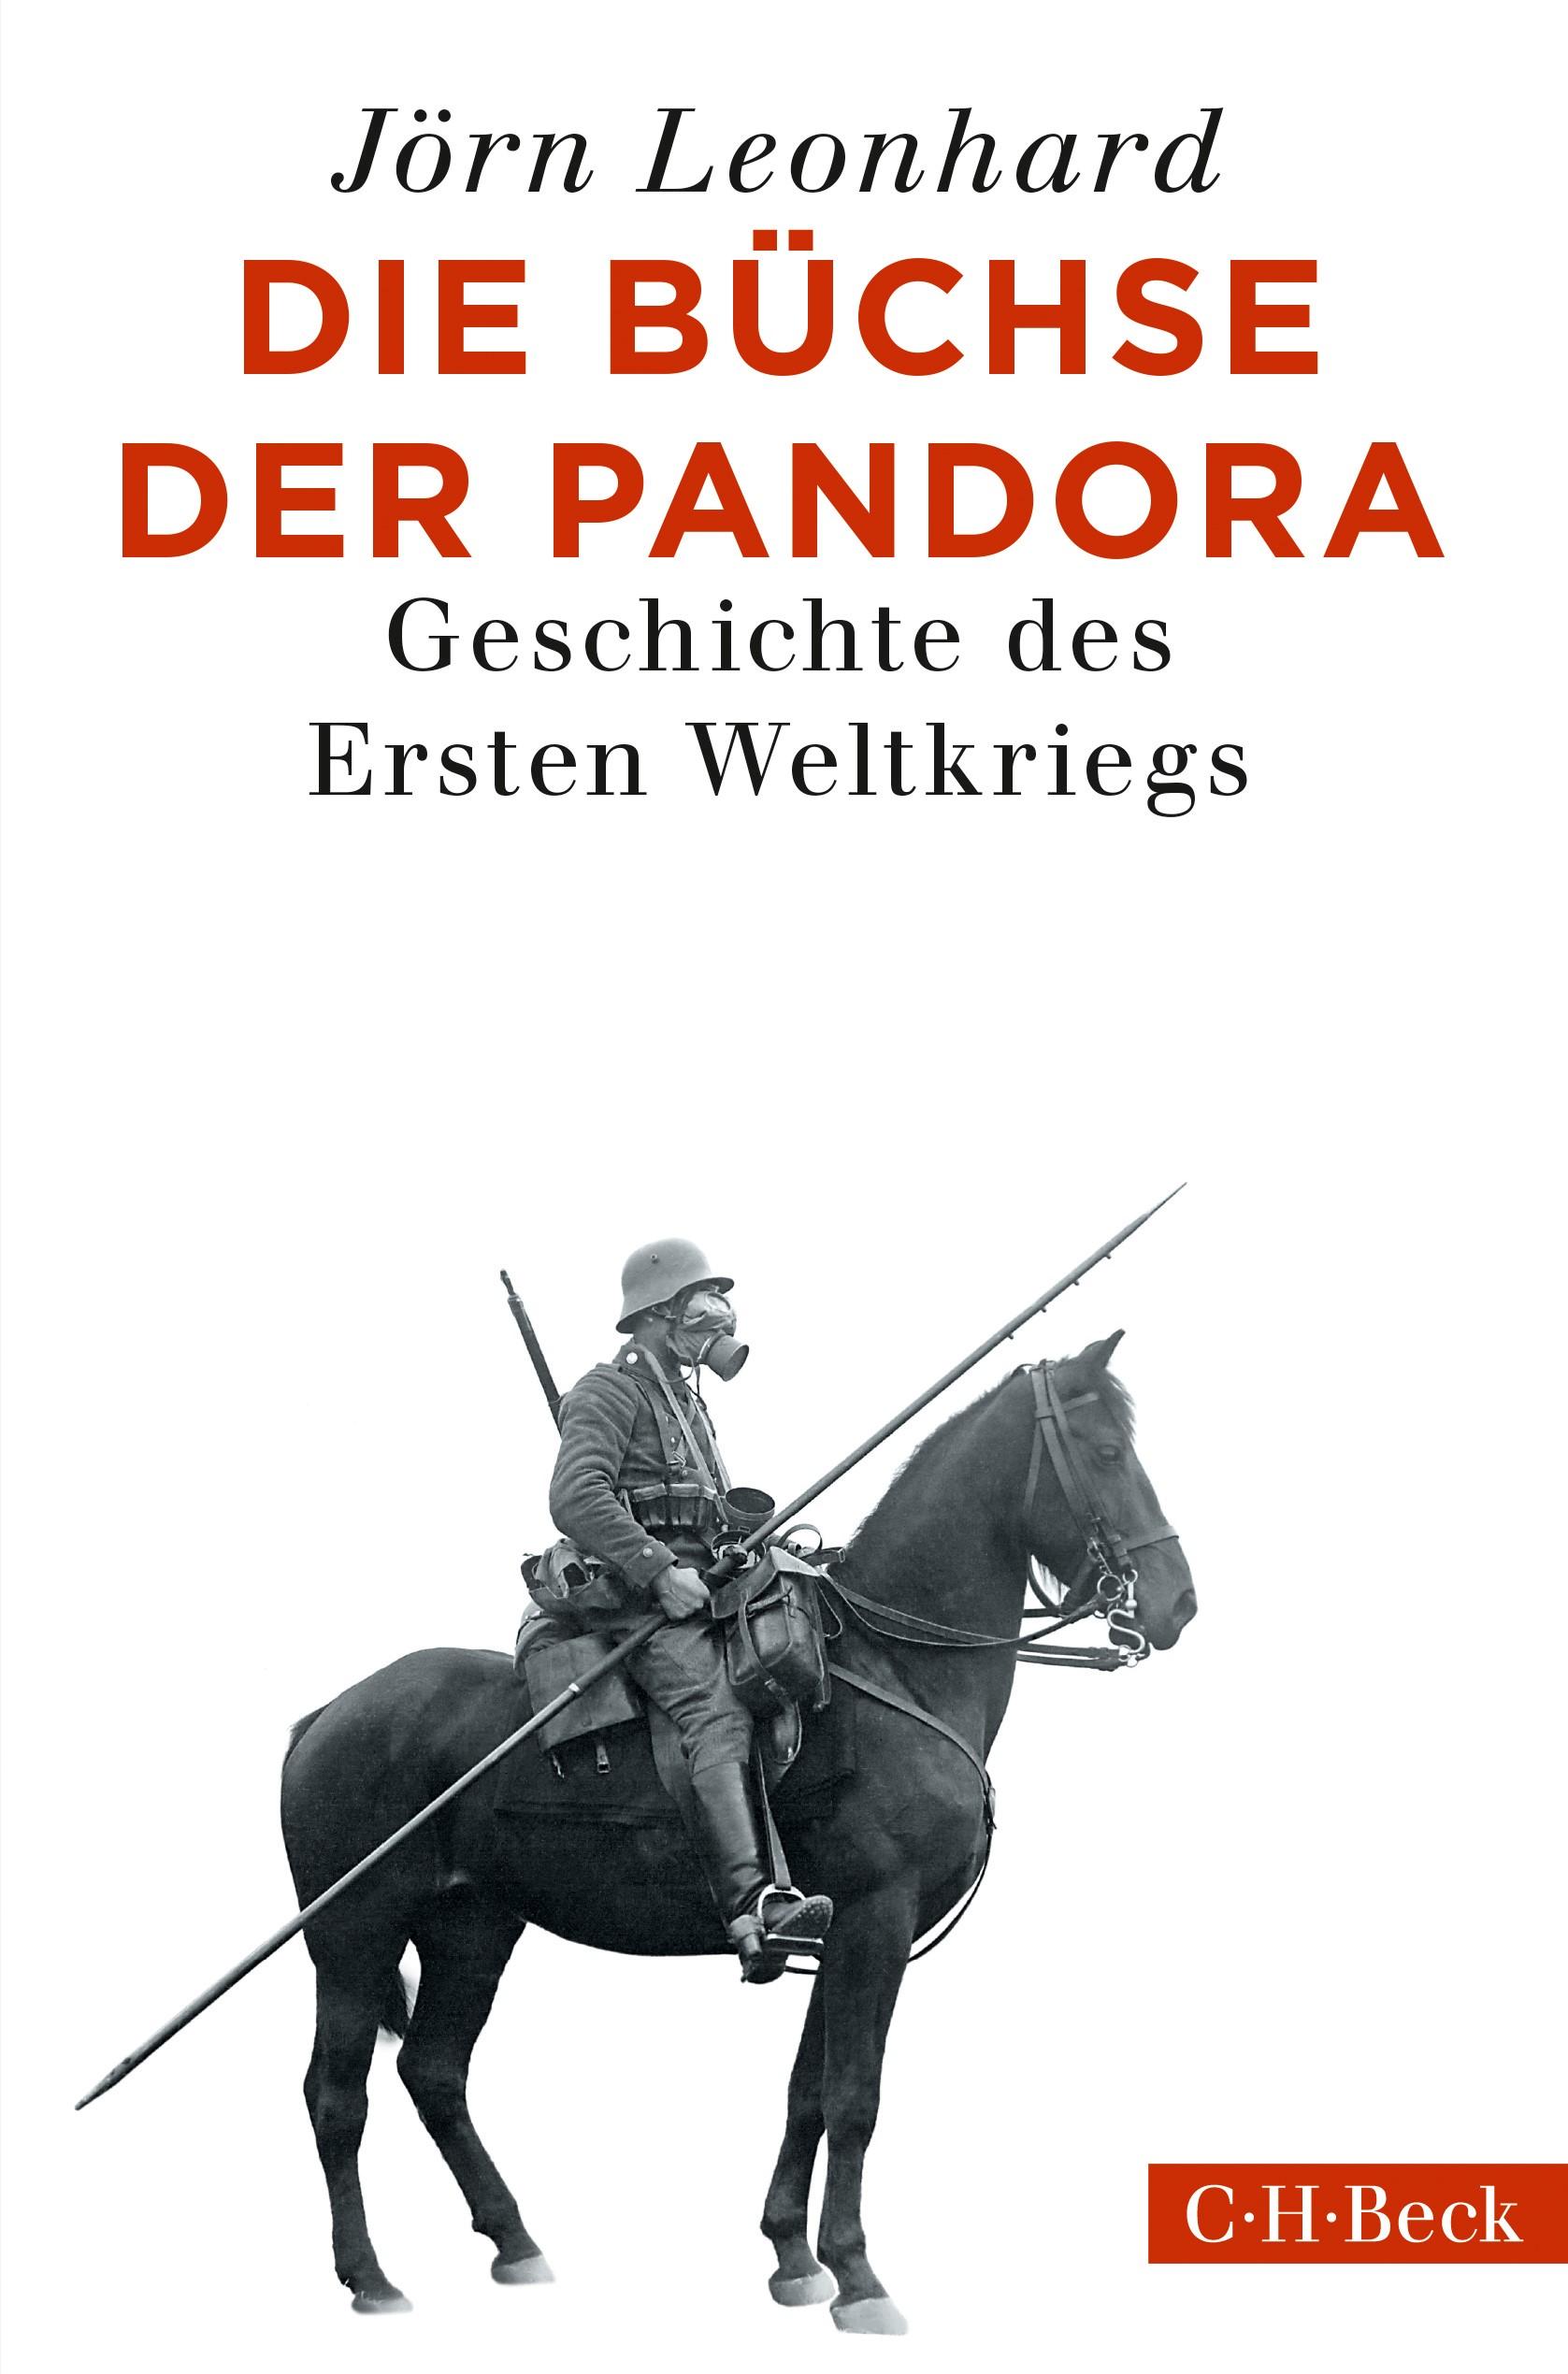 Die Büchse der Pandora | Leonhard, Jörn, 2018 | Buch (Cover)